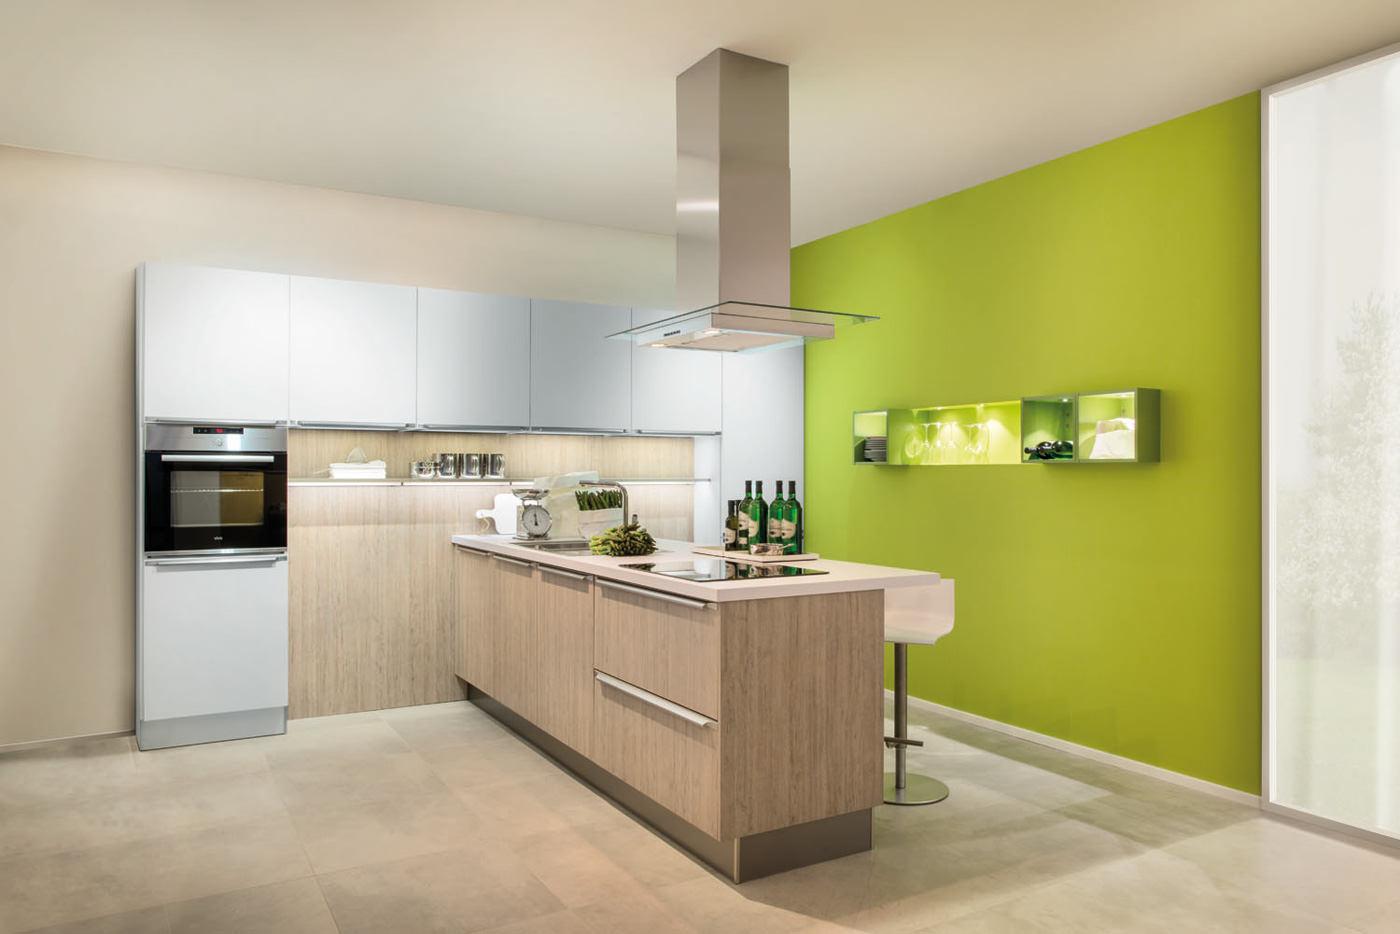 Tolle Individuelles Design Küchen Leeds Fotos - Ideen Für Die Küche ...